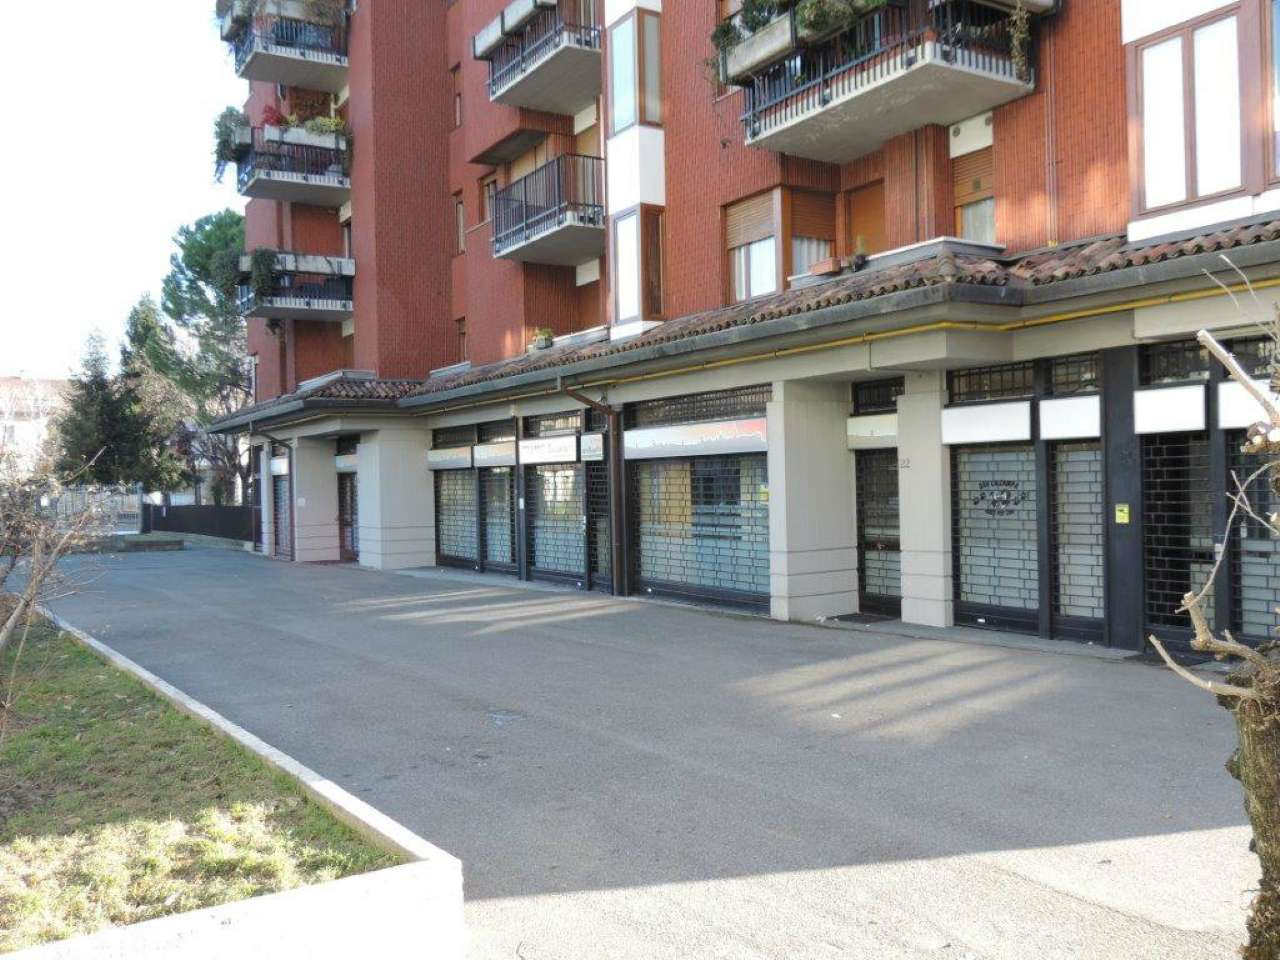 Negozio / Locale in affitto a Bergamo, 1 locali, prezzo € 5.000 | CambioCasa.it